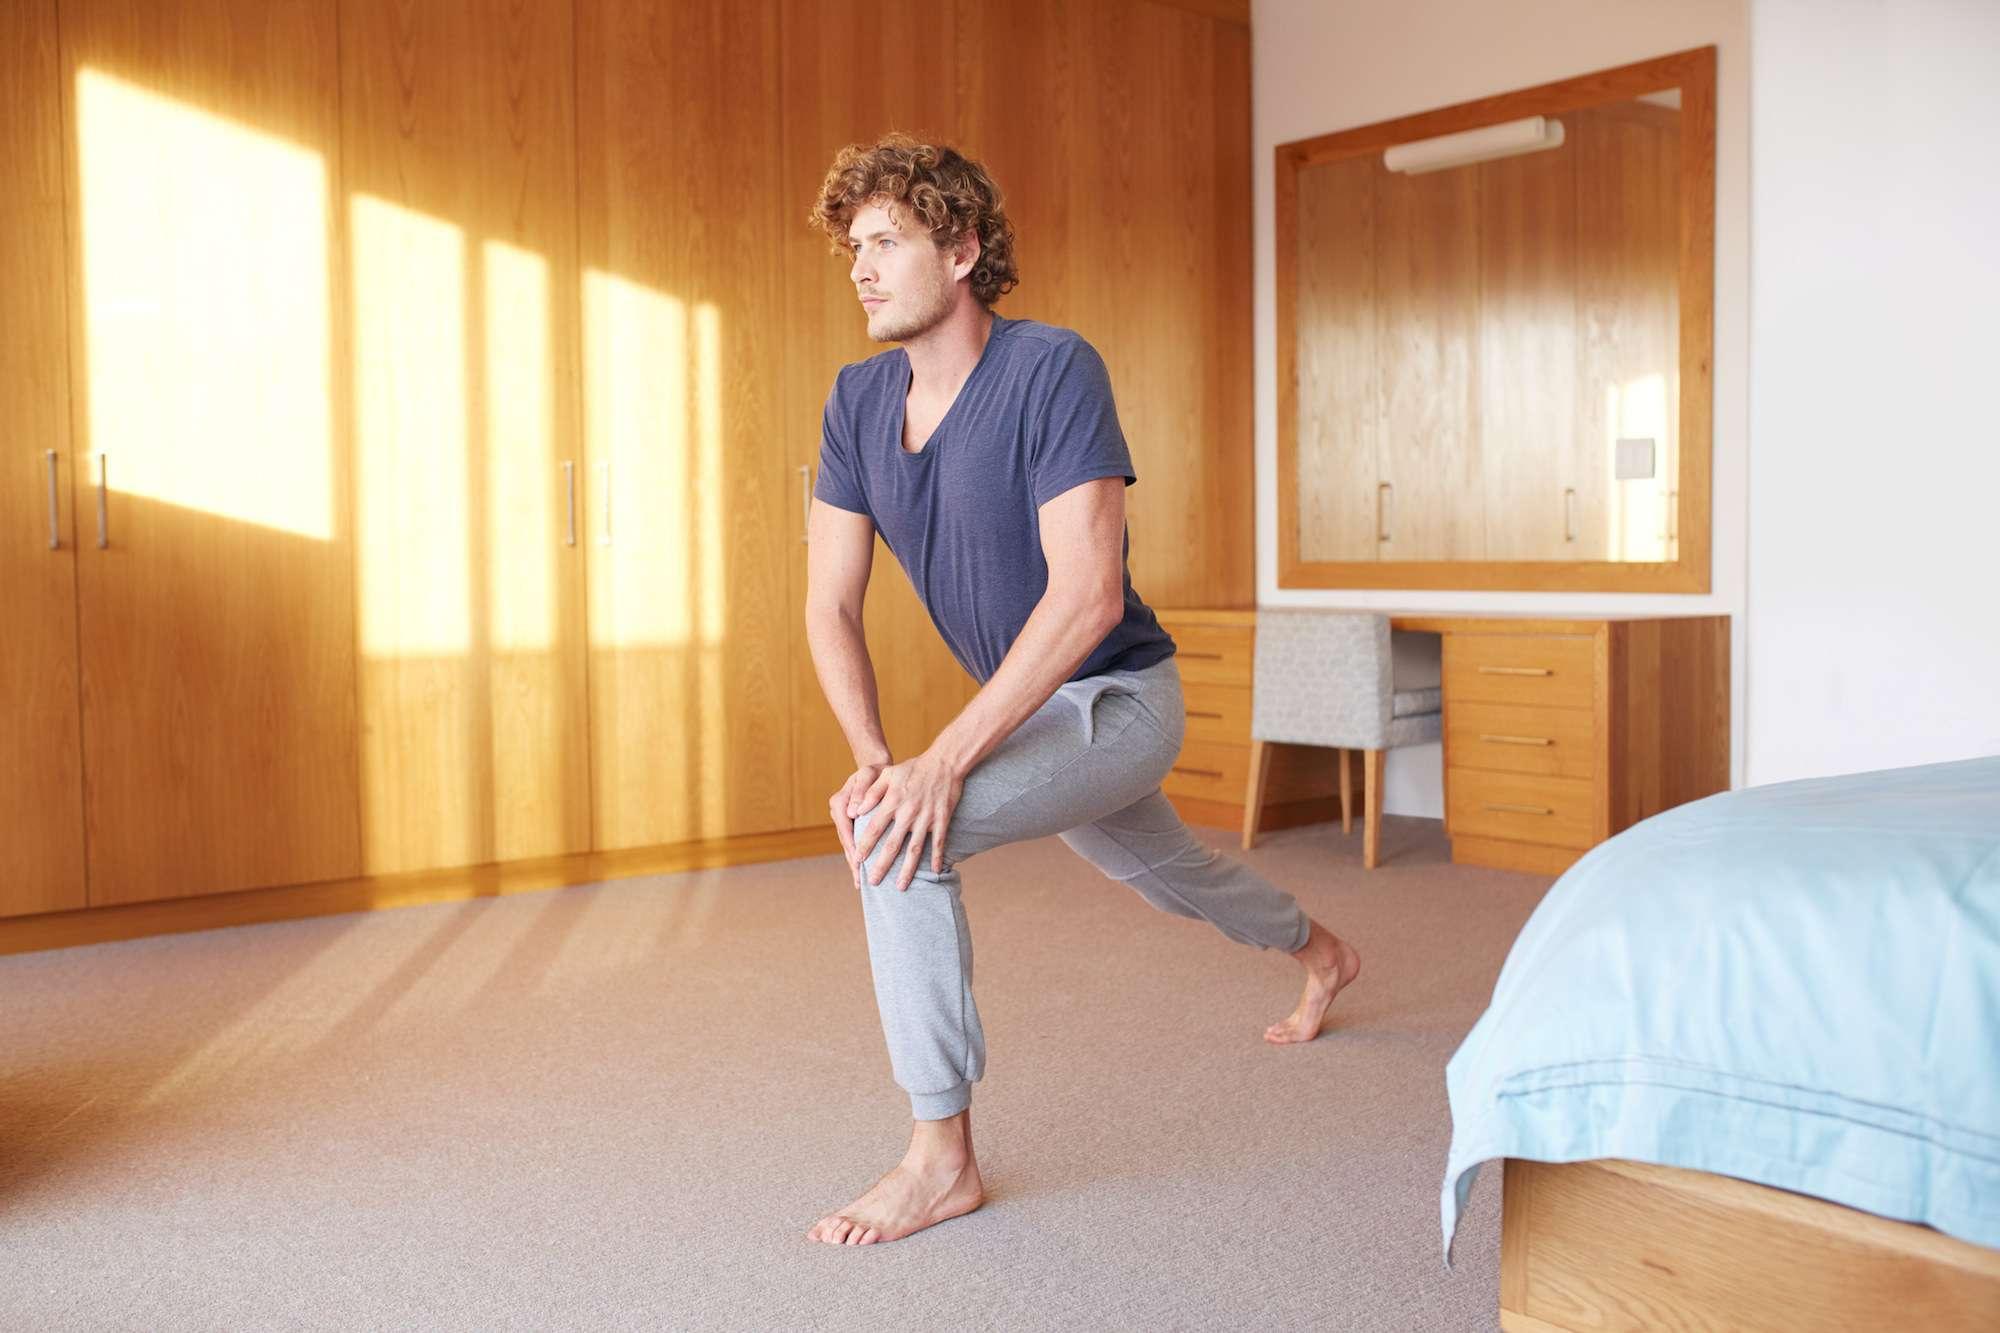 Comenzando la mañana con algunos ejercicios de calistenia